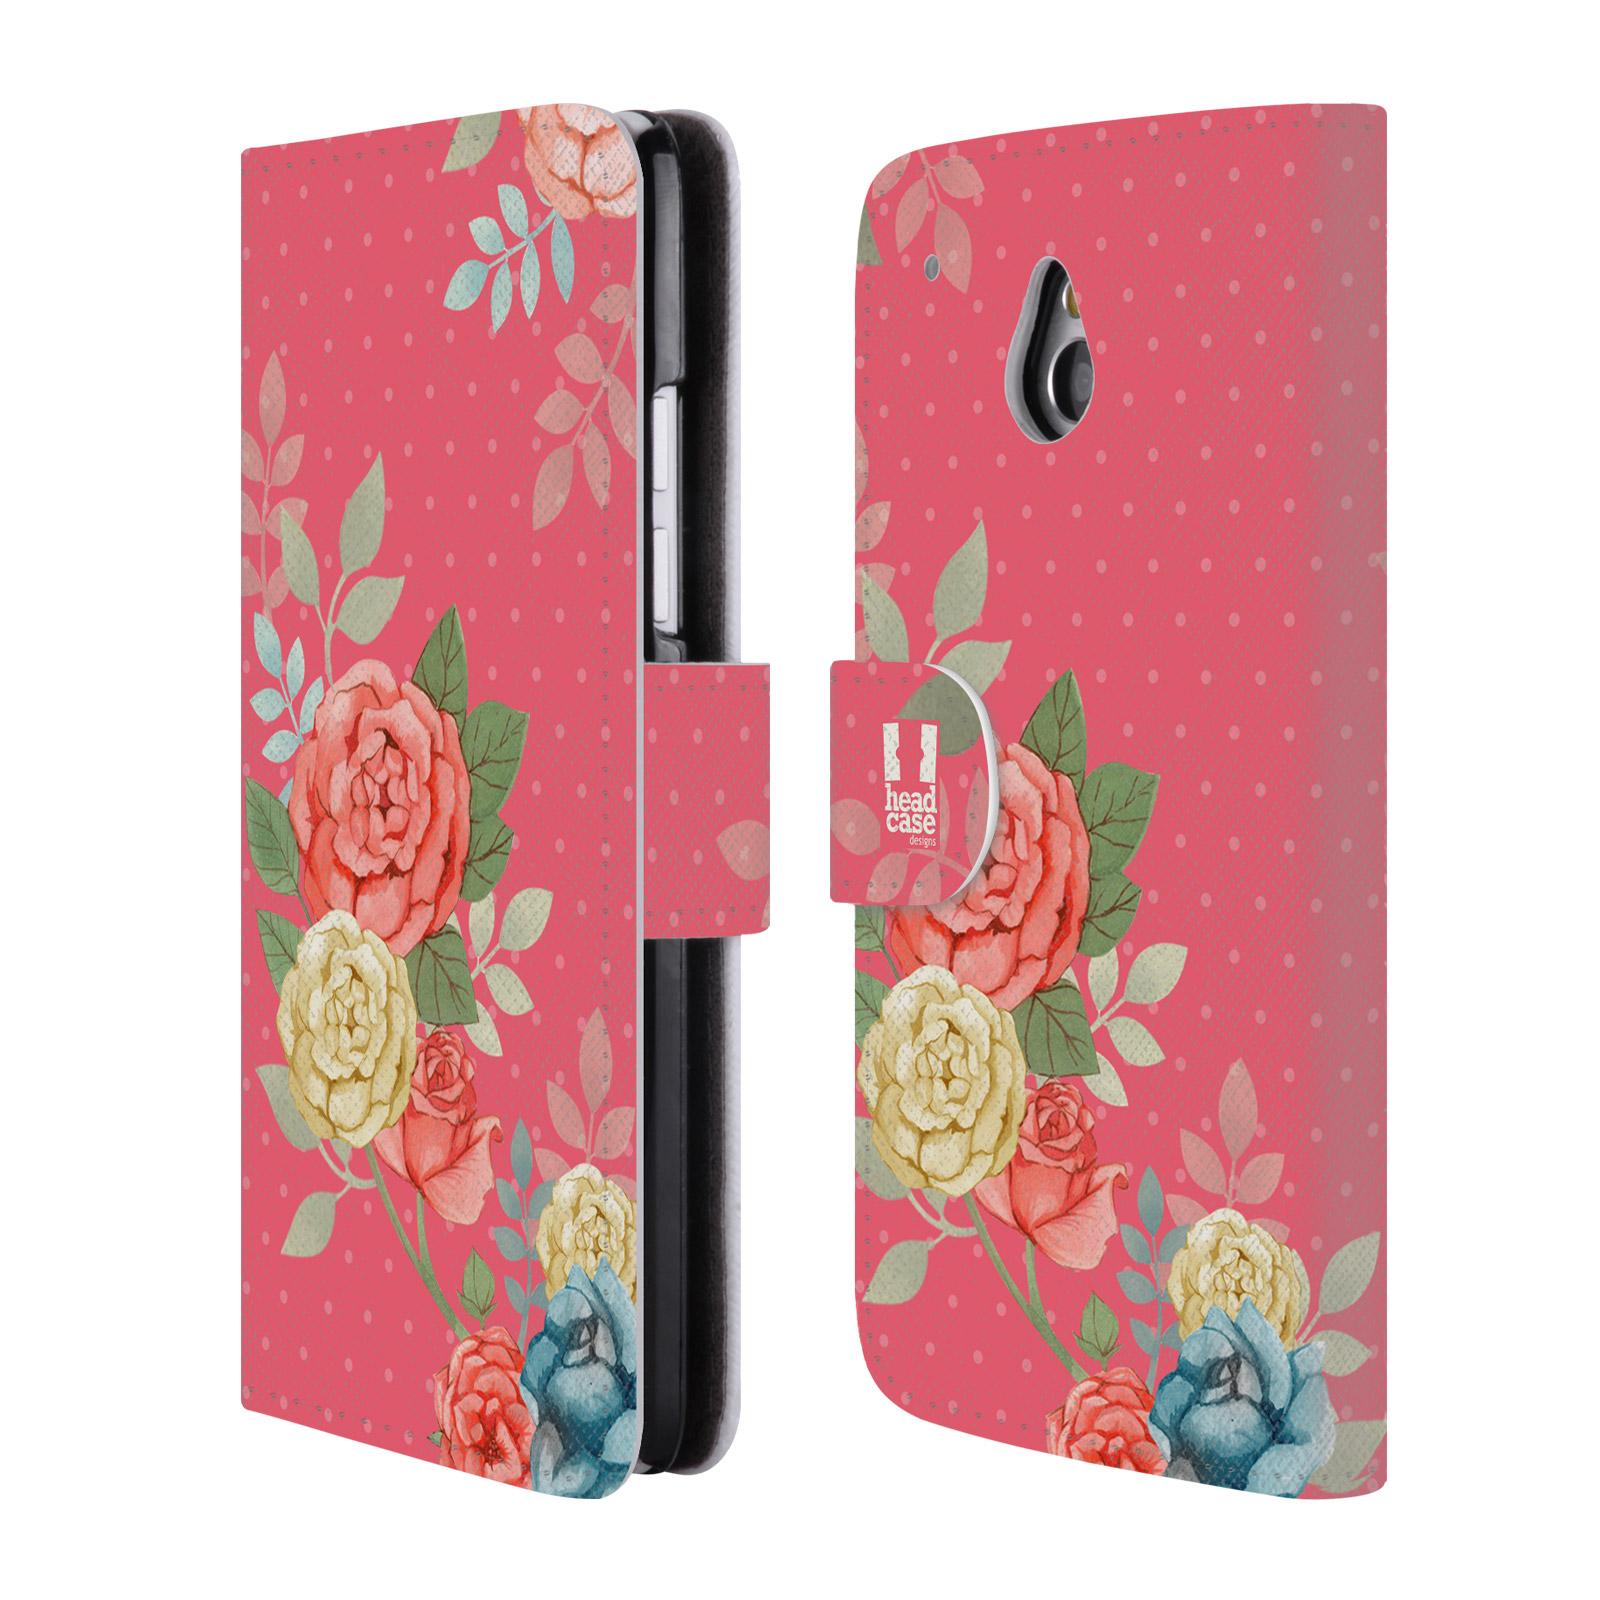 HEAD CASE Flipové pouzdro pro mobil HTC ONE MINI (M4) romantické květy růžová